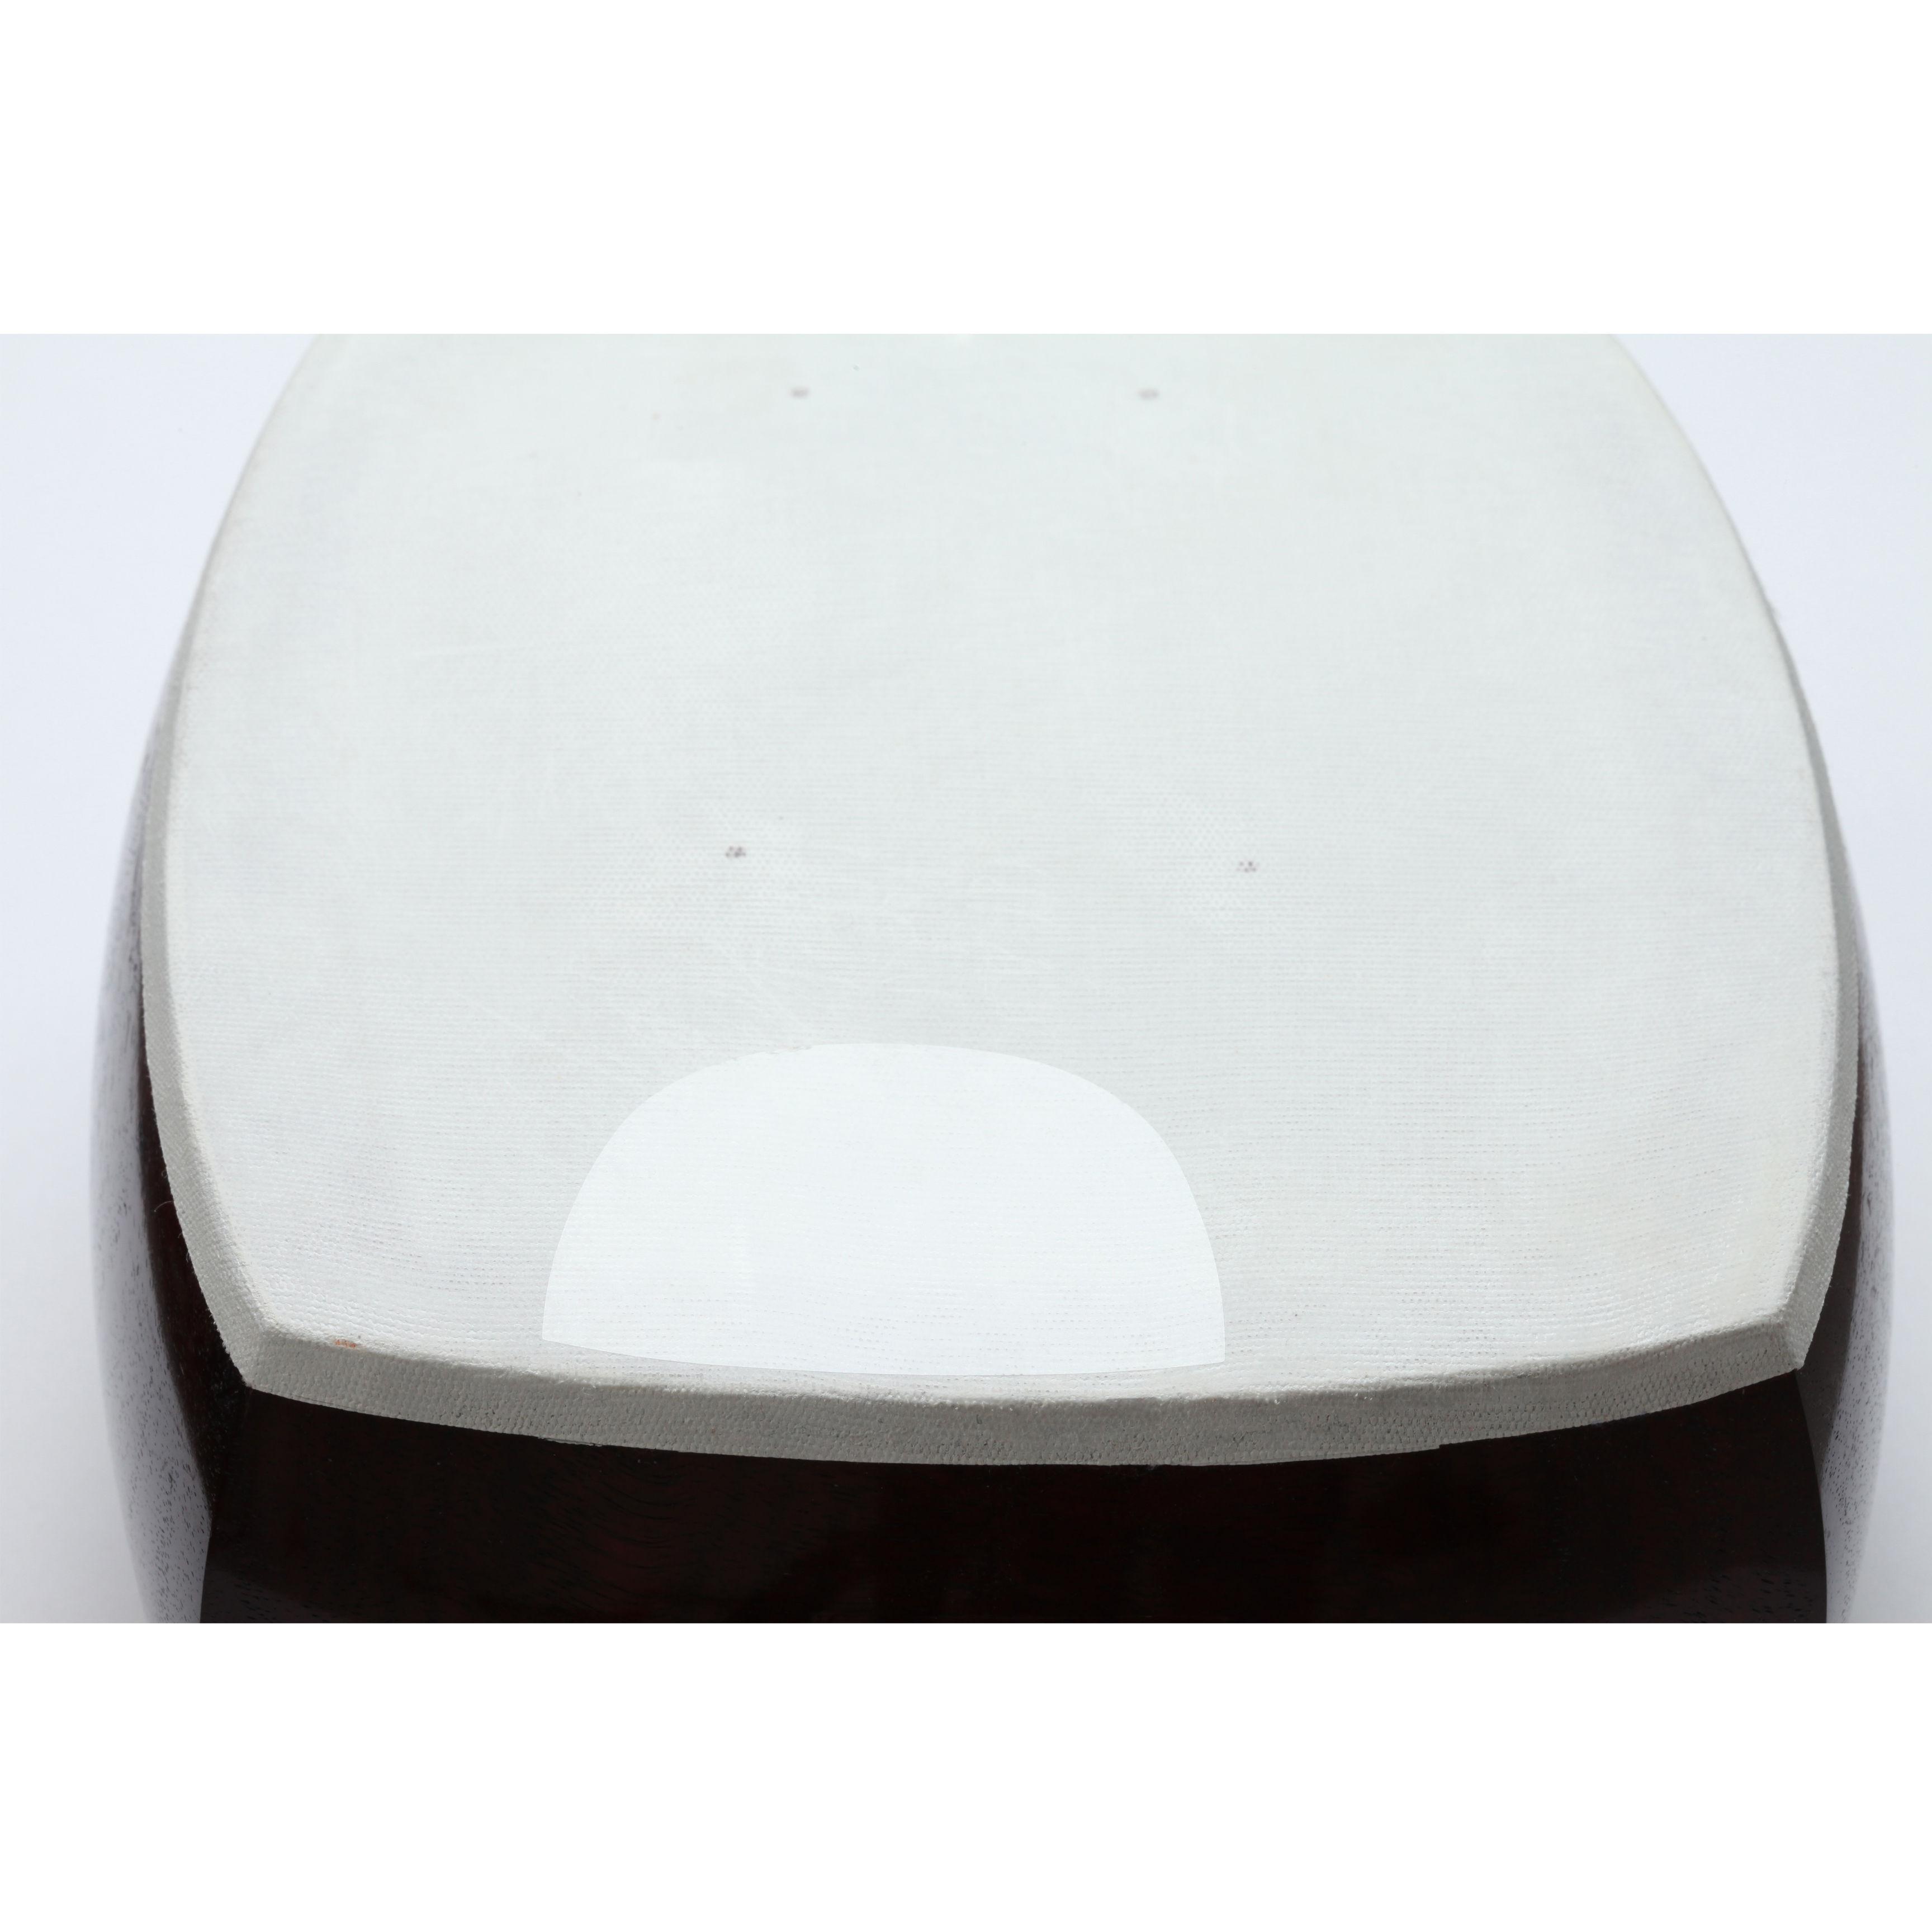 [29084]【地唄】表 一般用三味線人工皮リプル張り替え